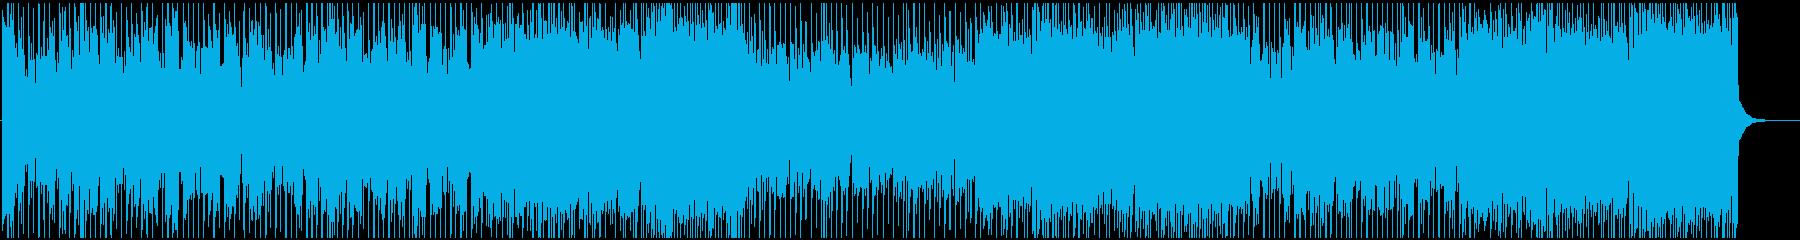 明るいくエネルギッシュなBGMの再生済みの波形